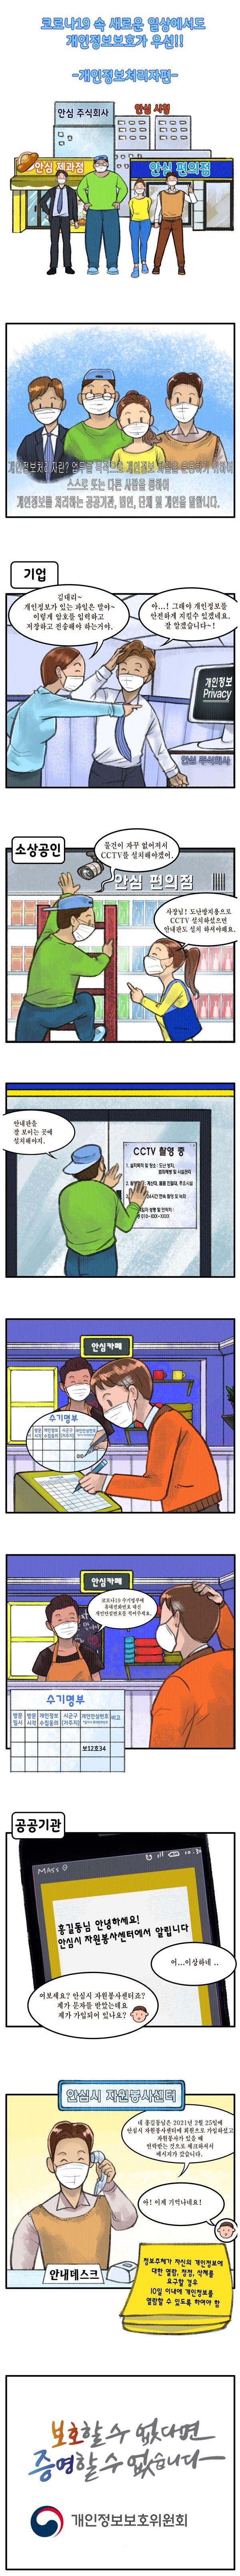 [웹툰] 코로나19 속 새로운 일상에서도 개인정보보호가 우선!! -개인정보처리자편-